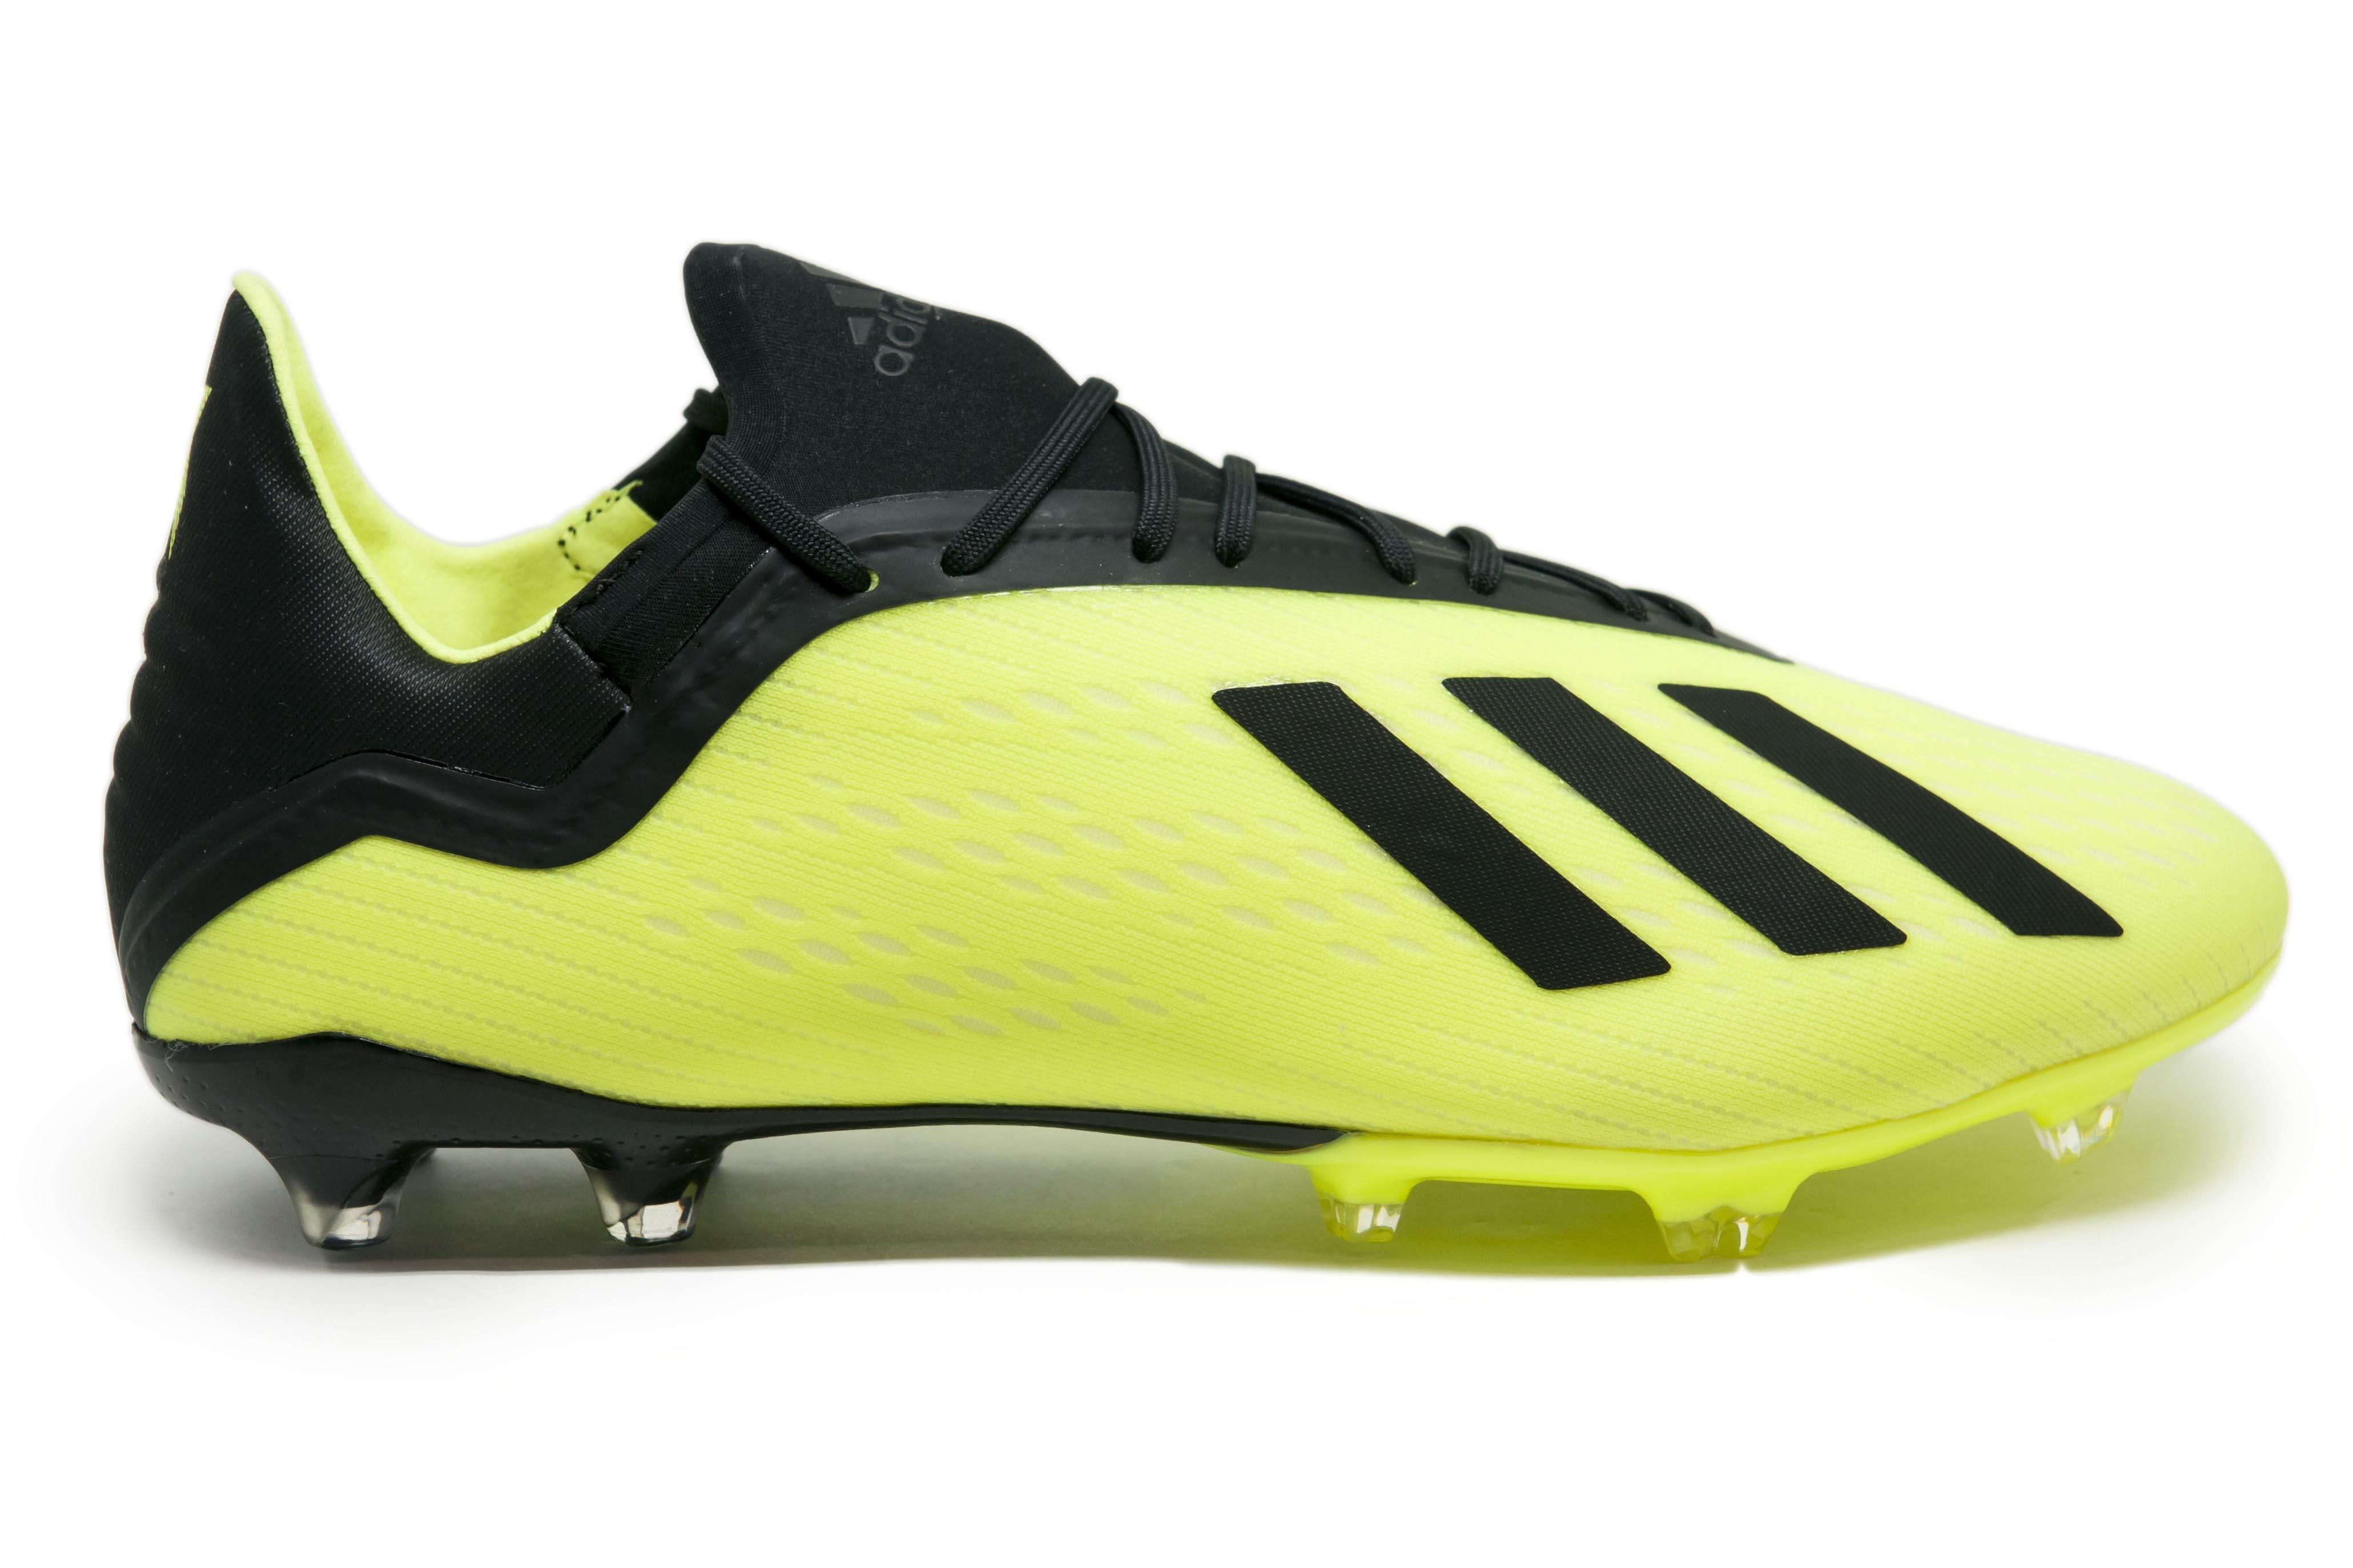 adidas scarpa x 18.2 fg giallo fluo